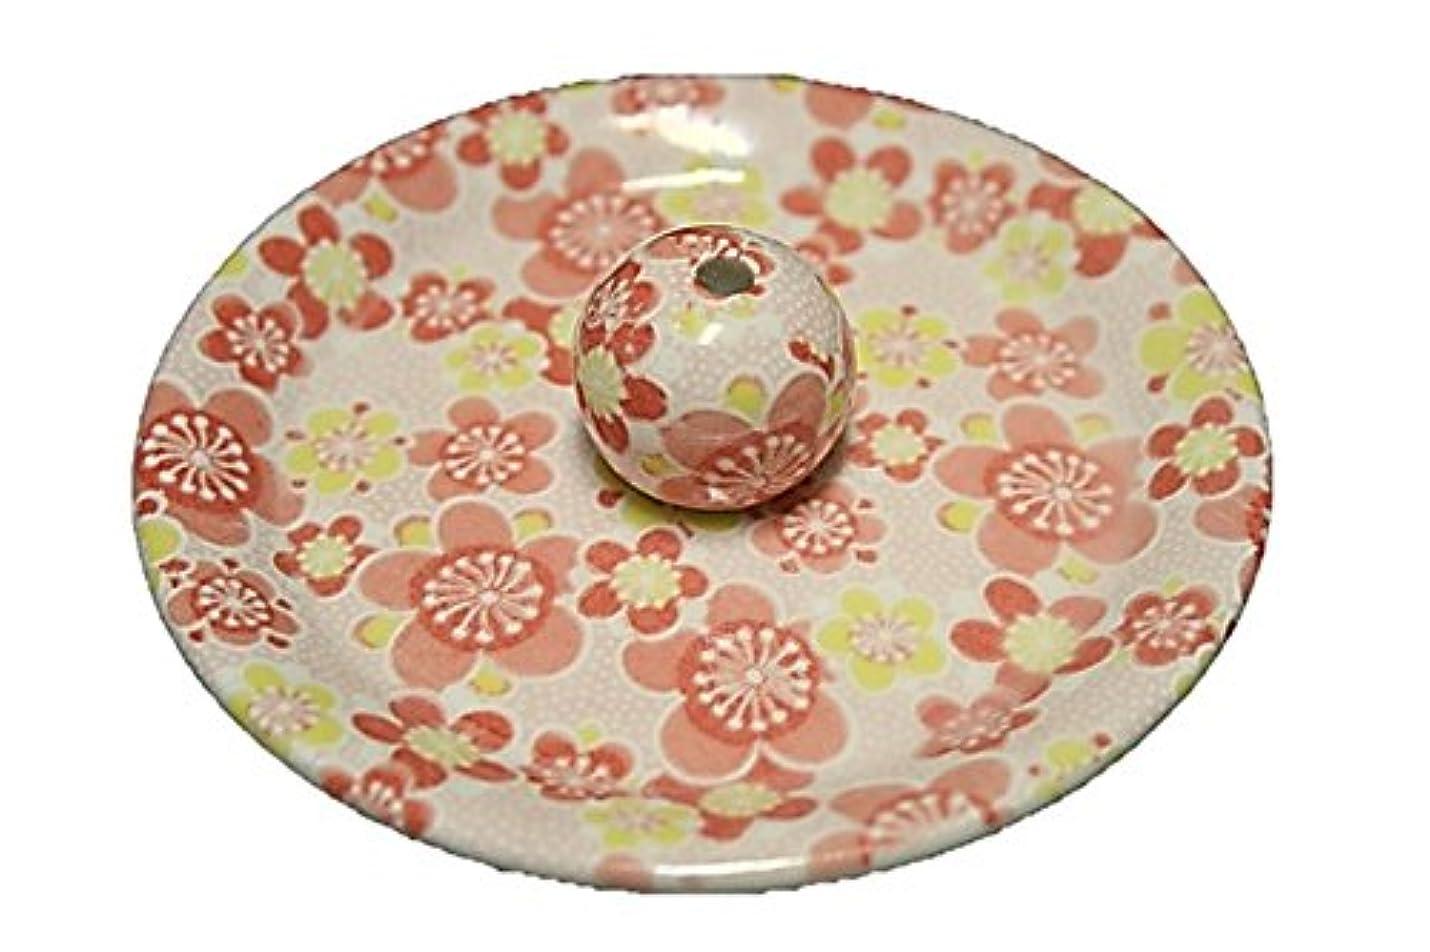 運賃コンセンサスすごい9-42 小春 9cm香皿 お香立て お香たて 陶器 日本製 製造?直売品